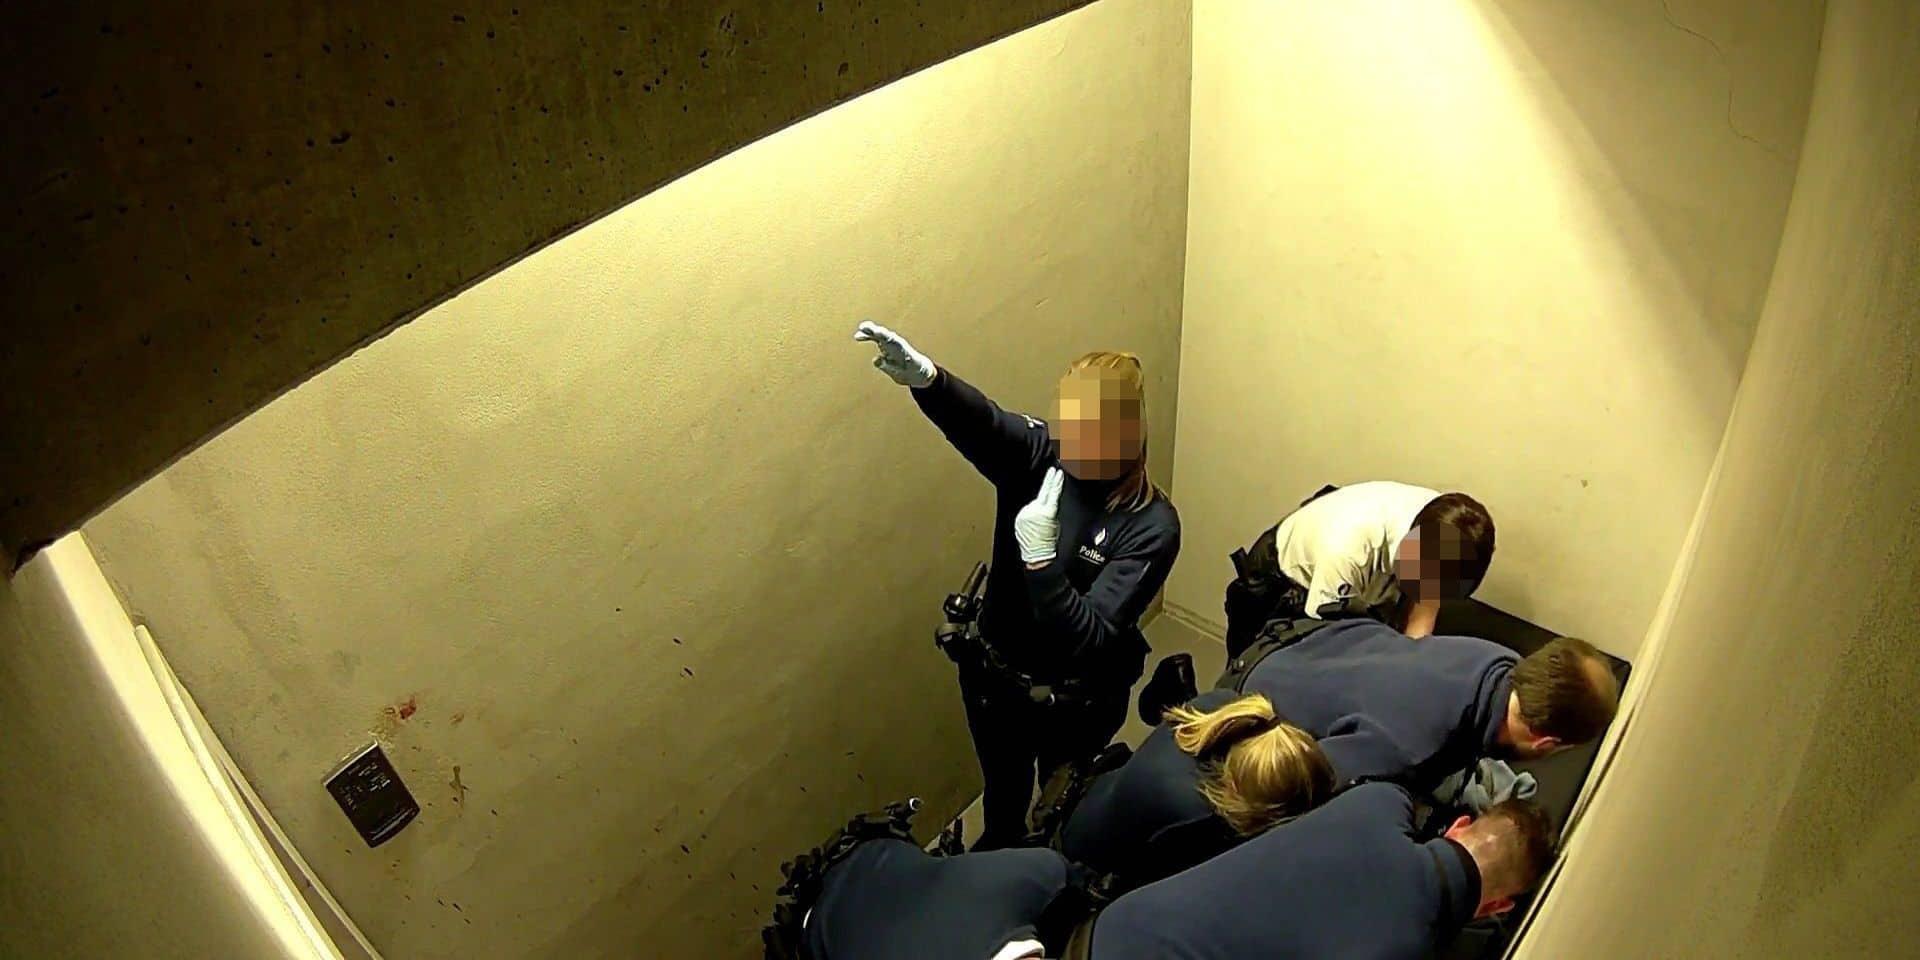 """Décès d'un passager dans une cellule de l'aéroport de Charleroi: """"Il faut laisser la justice faire son boulot"""", selon l'avocate des policiers"""